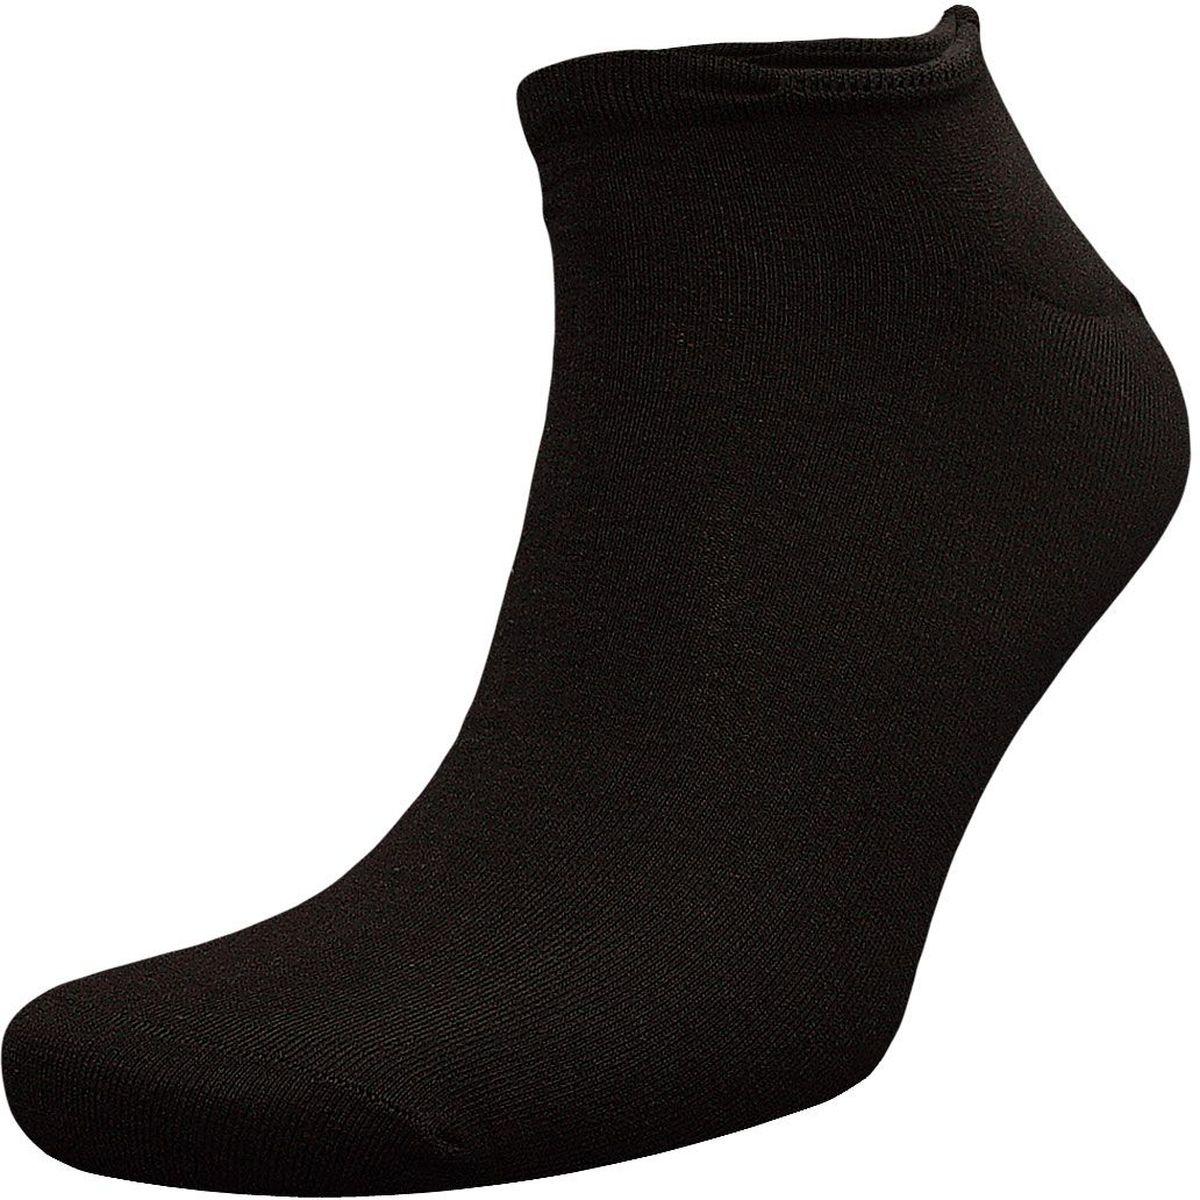 Носки мужские Гранд, цвет: черный, 2 пары. ZCL4. Размер 27/29ZCL4Мужские носки Гранд выполнены из хлопка и оформлены на паголенке рисунком гребешок. Основа материала - высококачественный хлопок. Носки хорошо держат форму и обладают повышенной воздухопроницаемостью, не линяют после многочисленных стирок, имеют оптимальную высоту паголенка, кеттельный шов и мягкую анатомическую резинку.